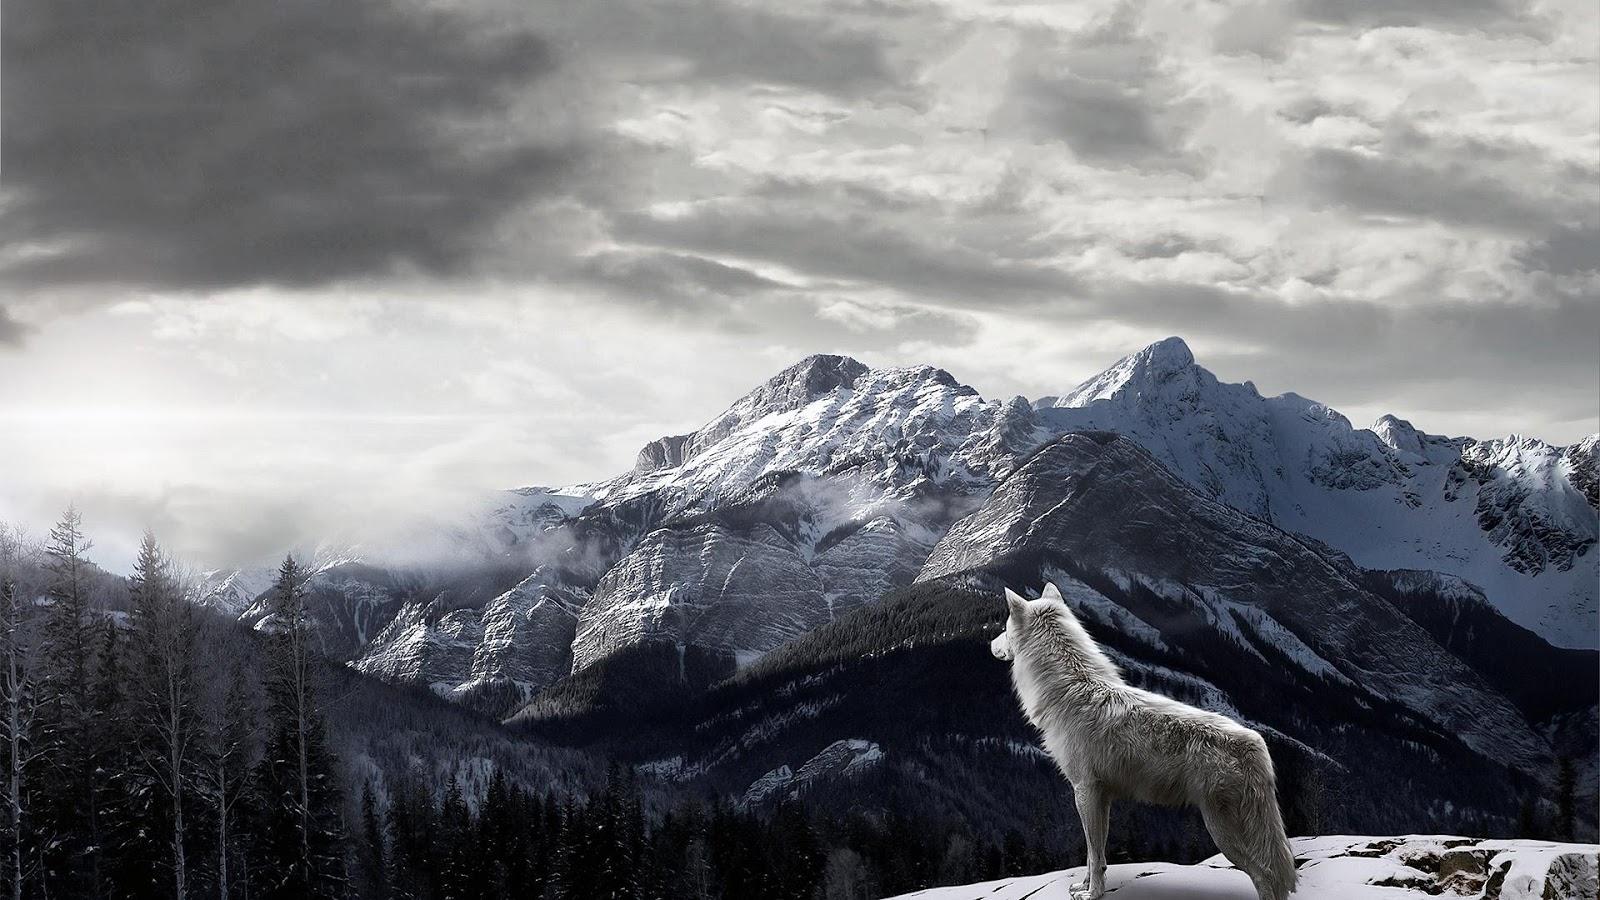 Wolf Wallpaper 9   1600 X 900 stmednet 1600x900